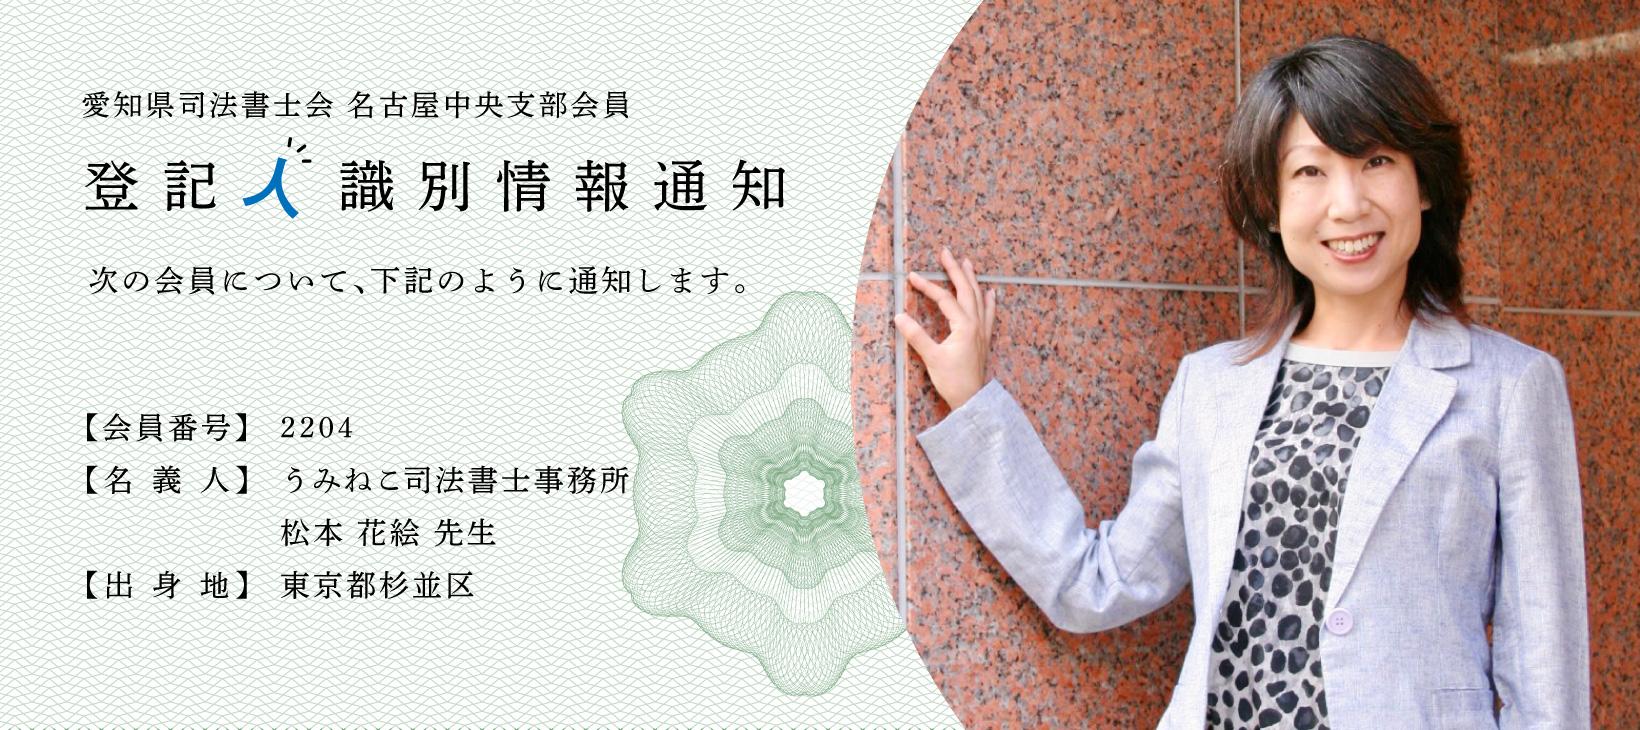 松本 花絵 先生